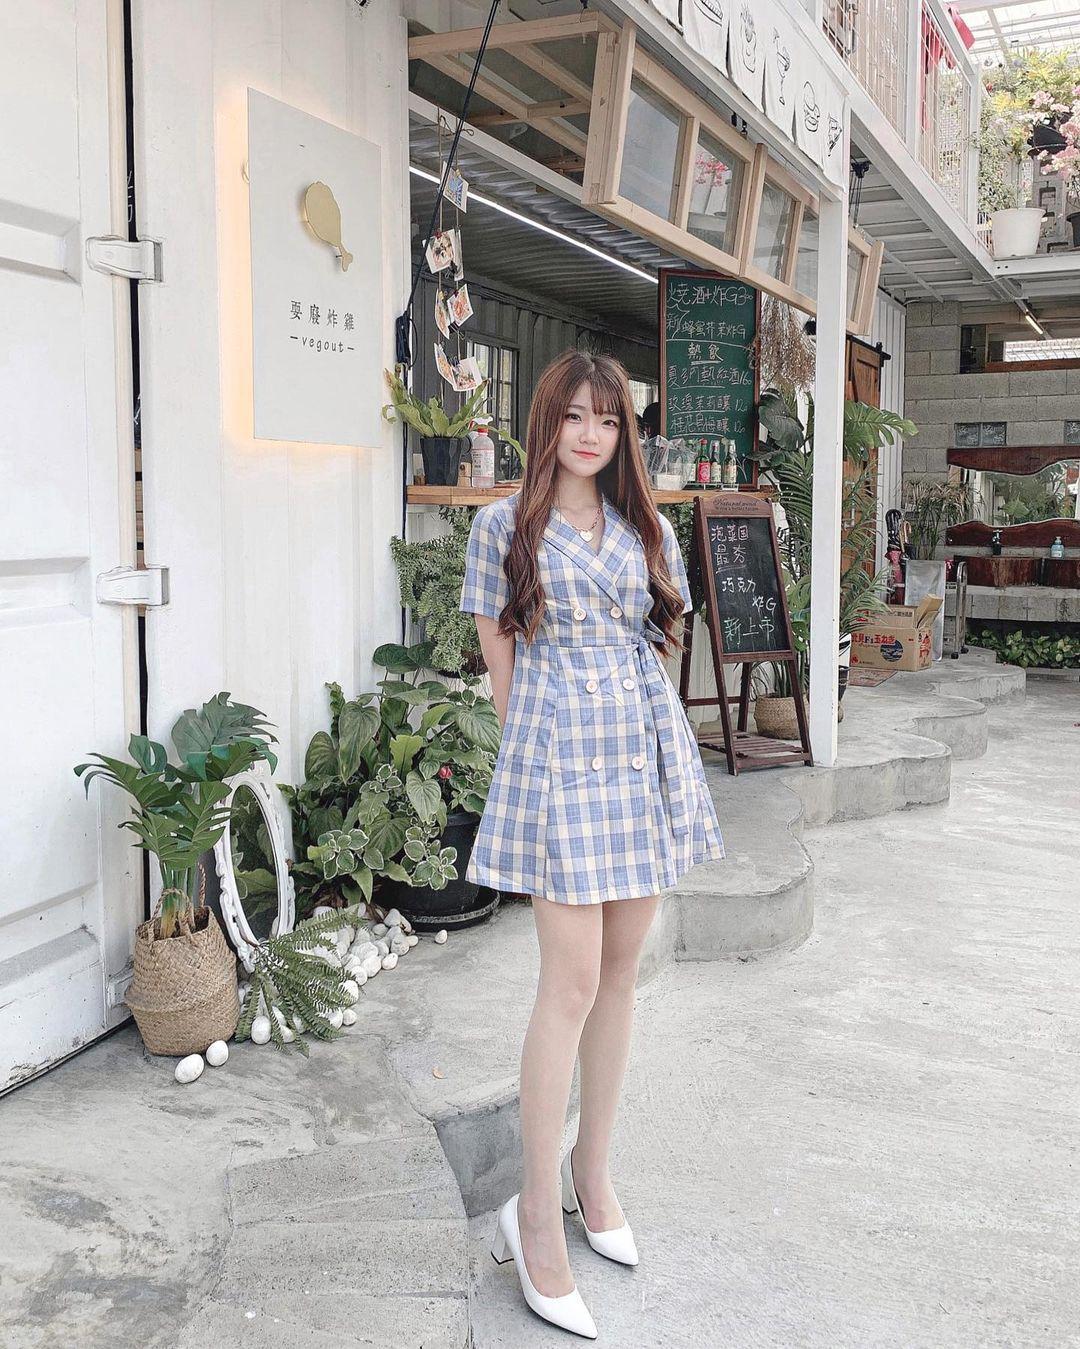 清纯甜美的正妹平面设计师「Chen臻儿」 多才多艺还有好身材!